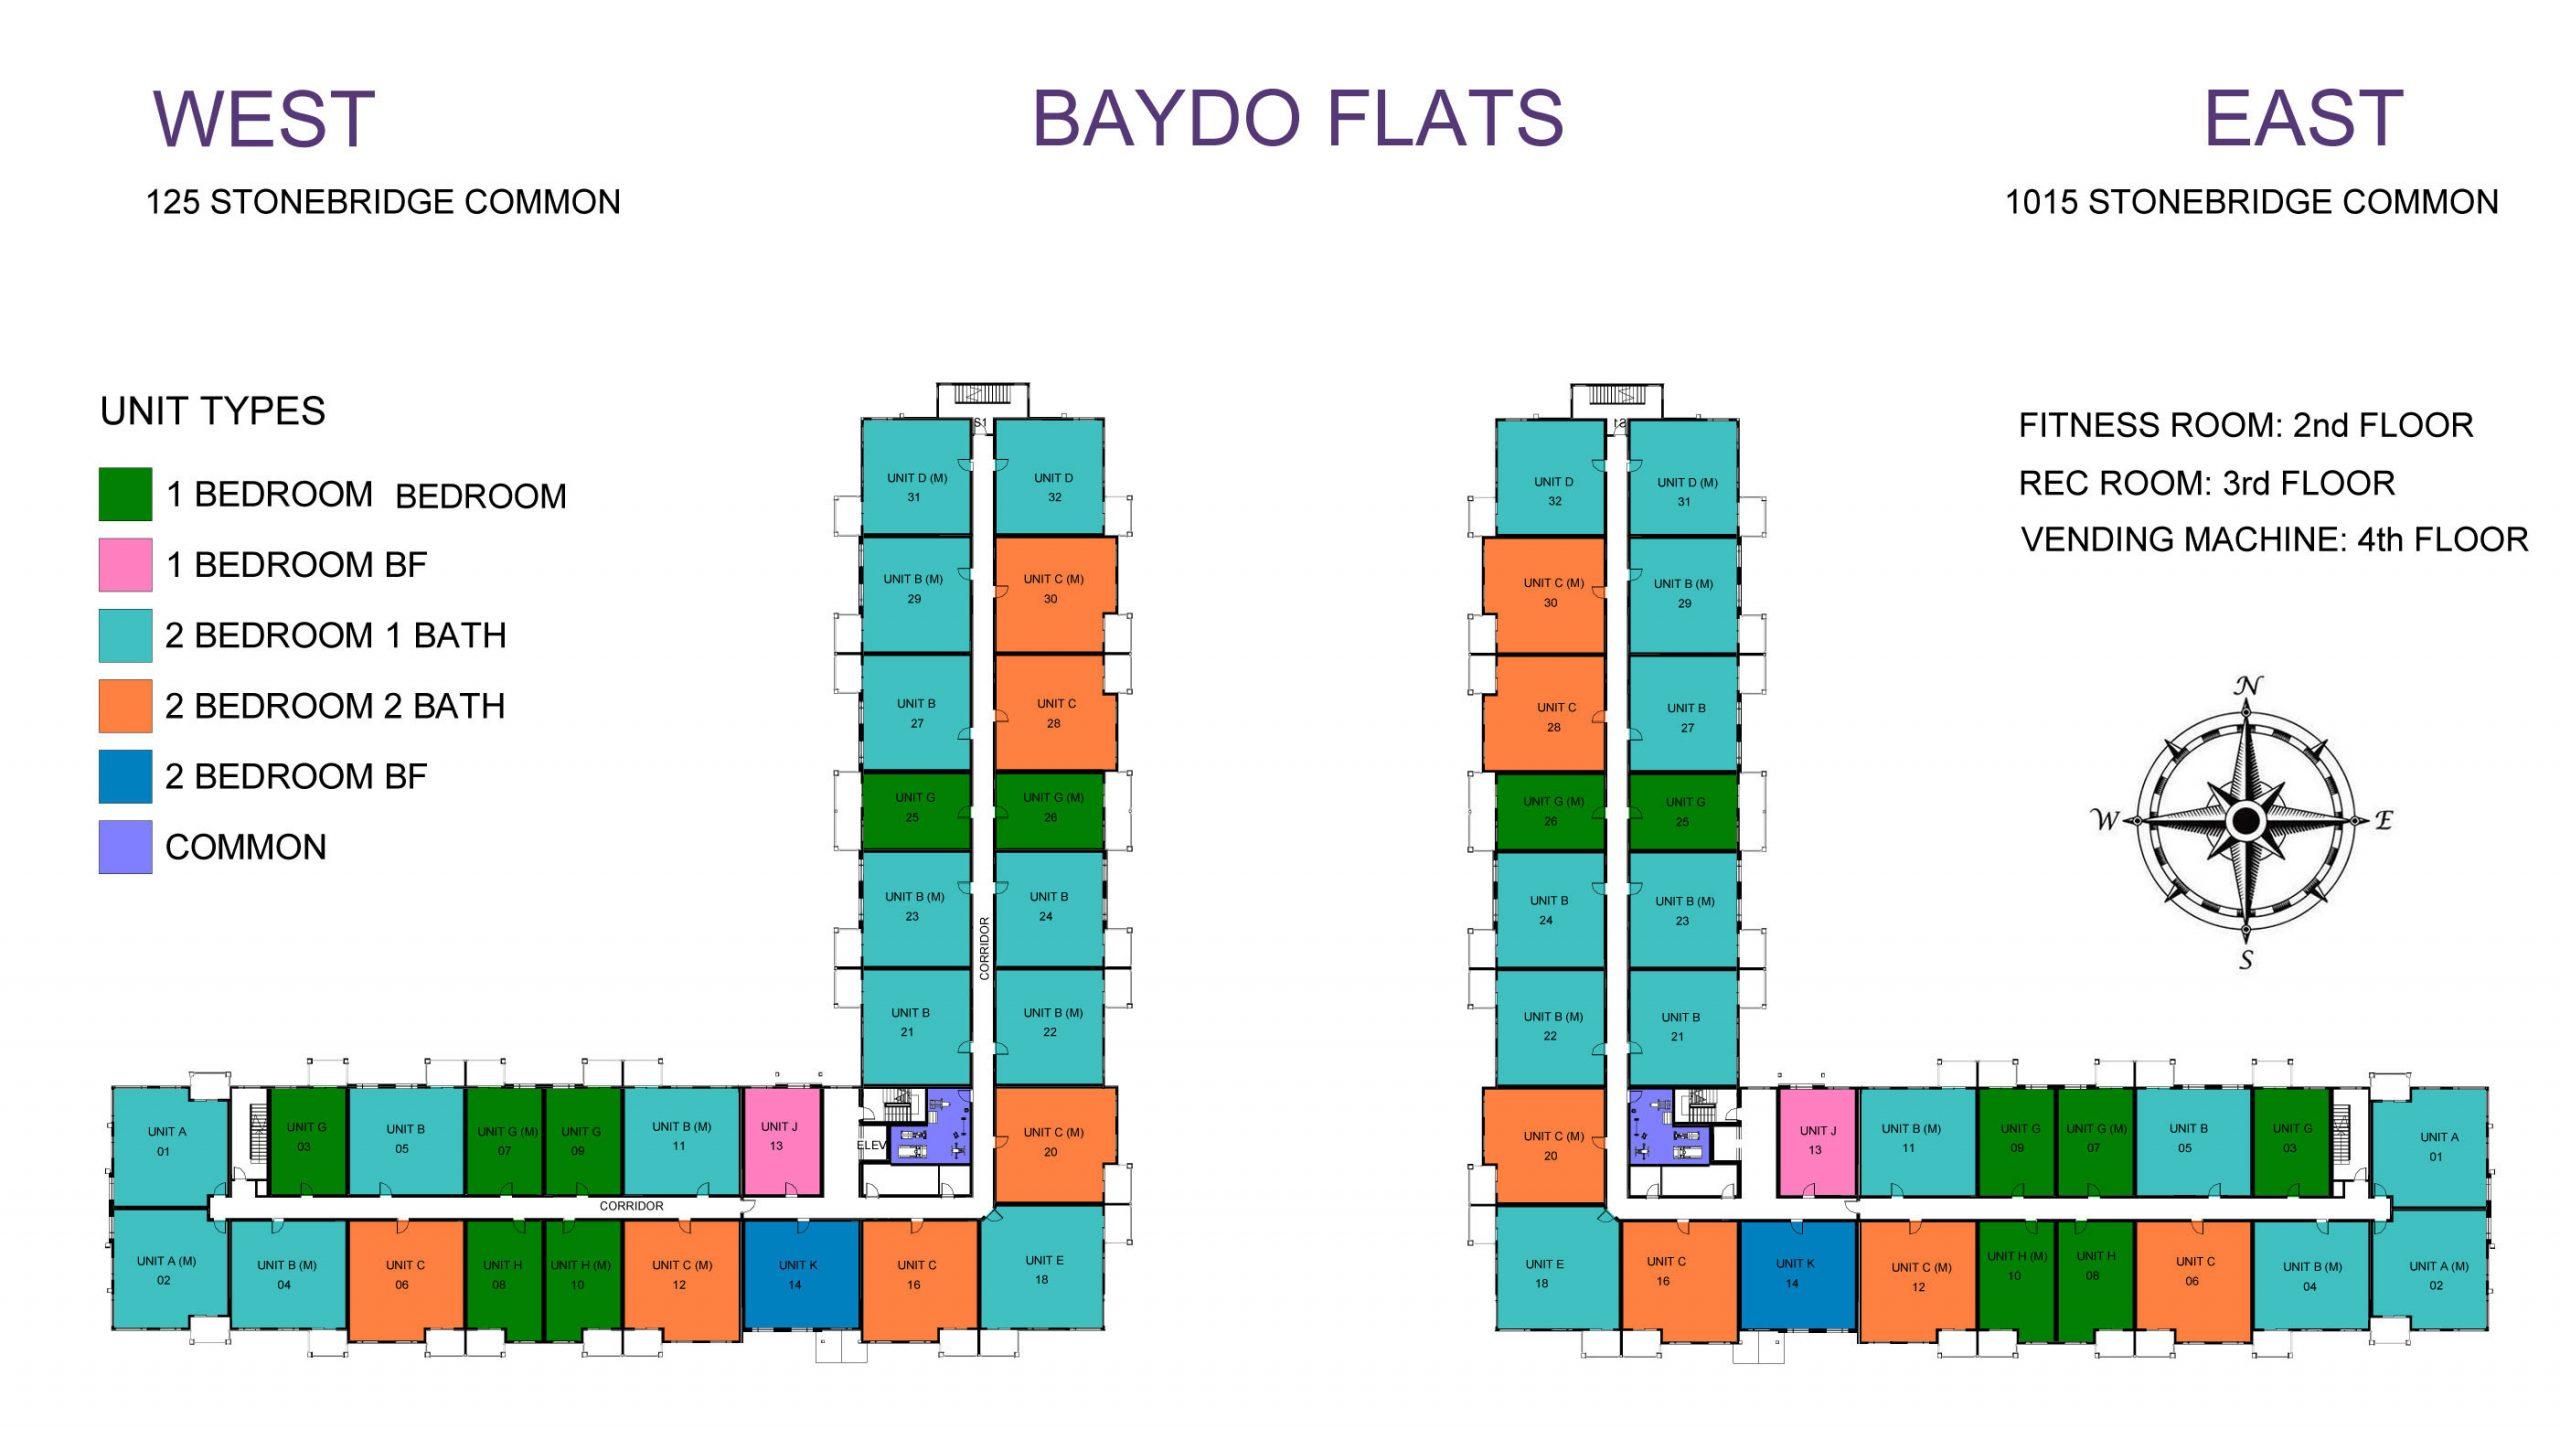 baydo flats main floor